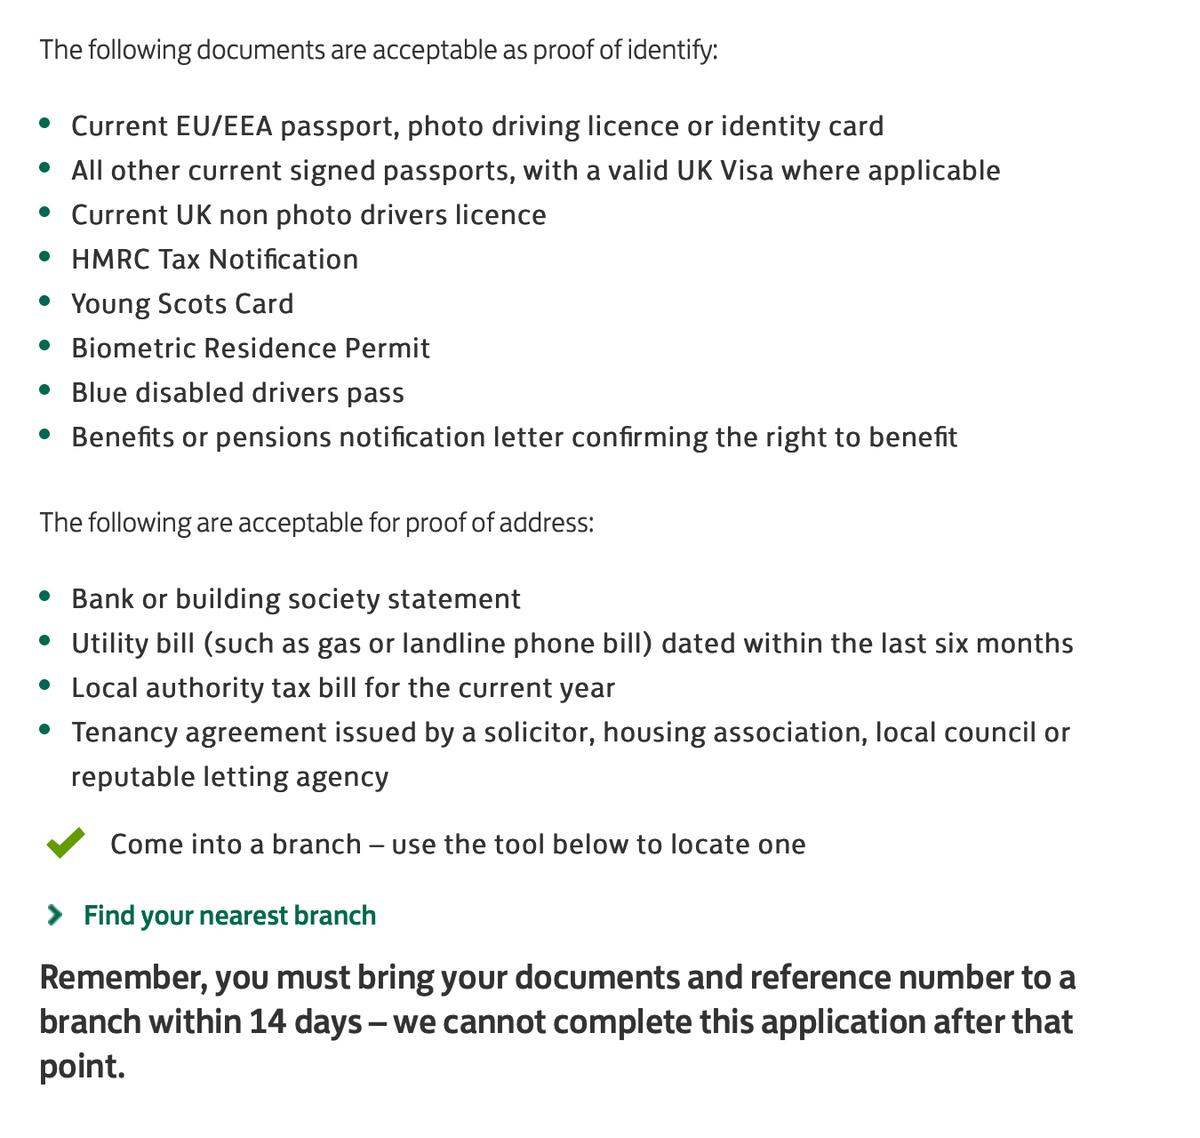 Список документов, которые нужны для подтверждения личности при открытии счета в банке